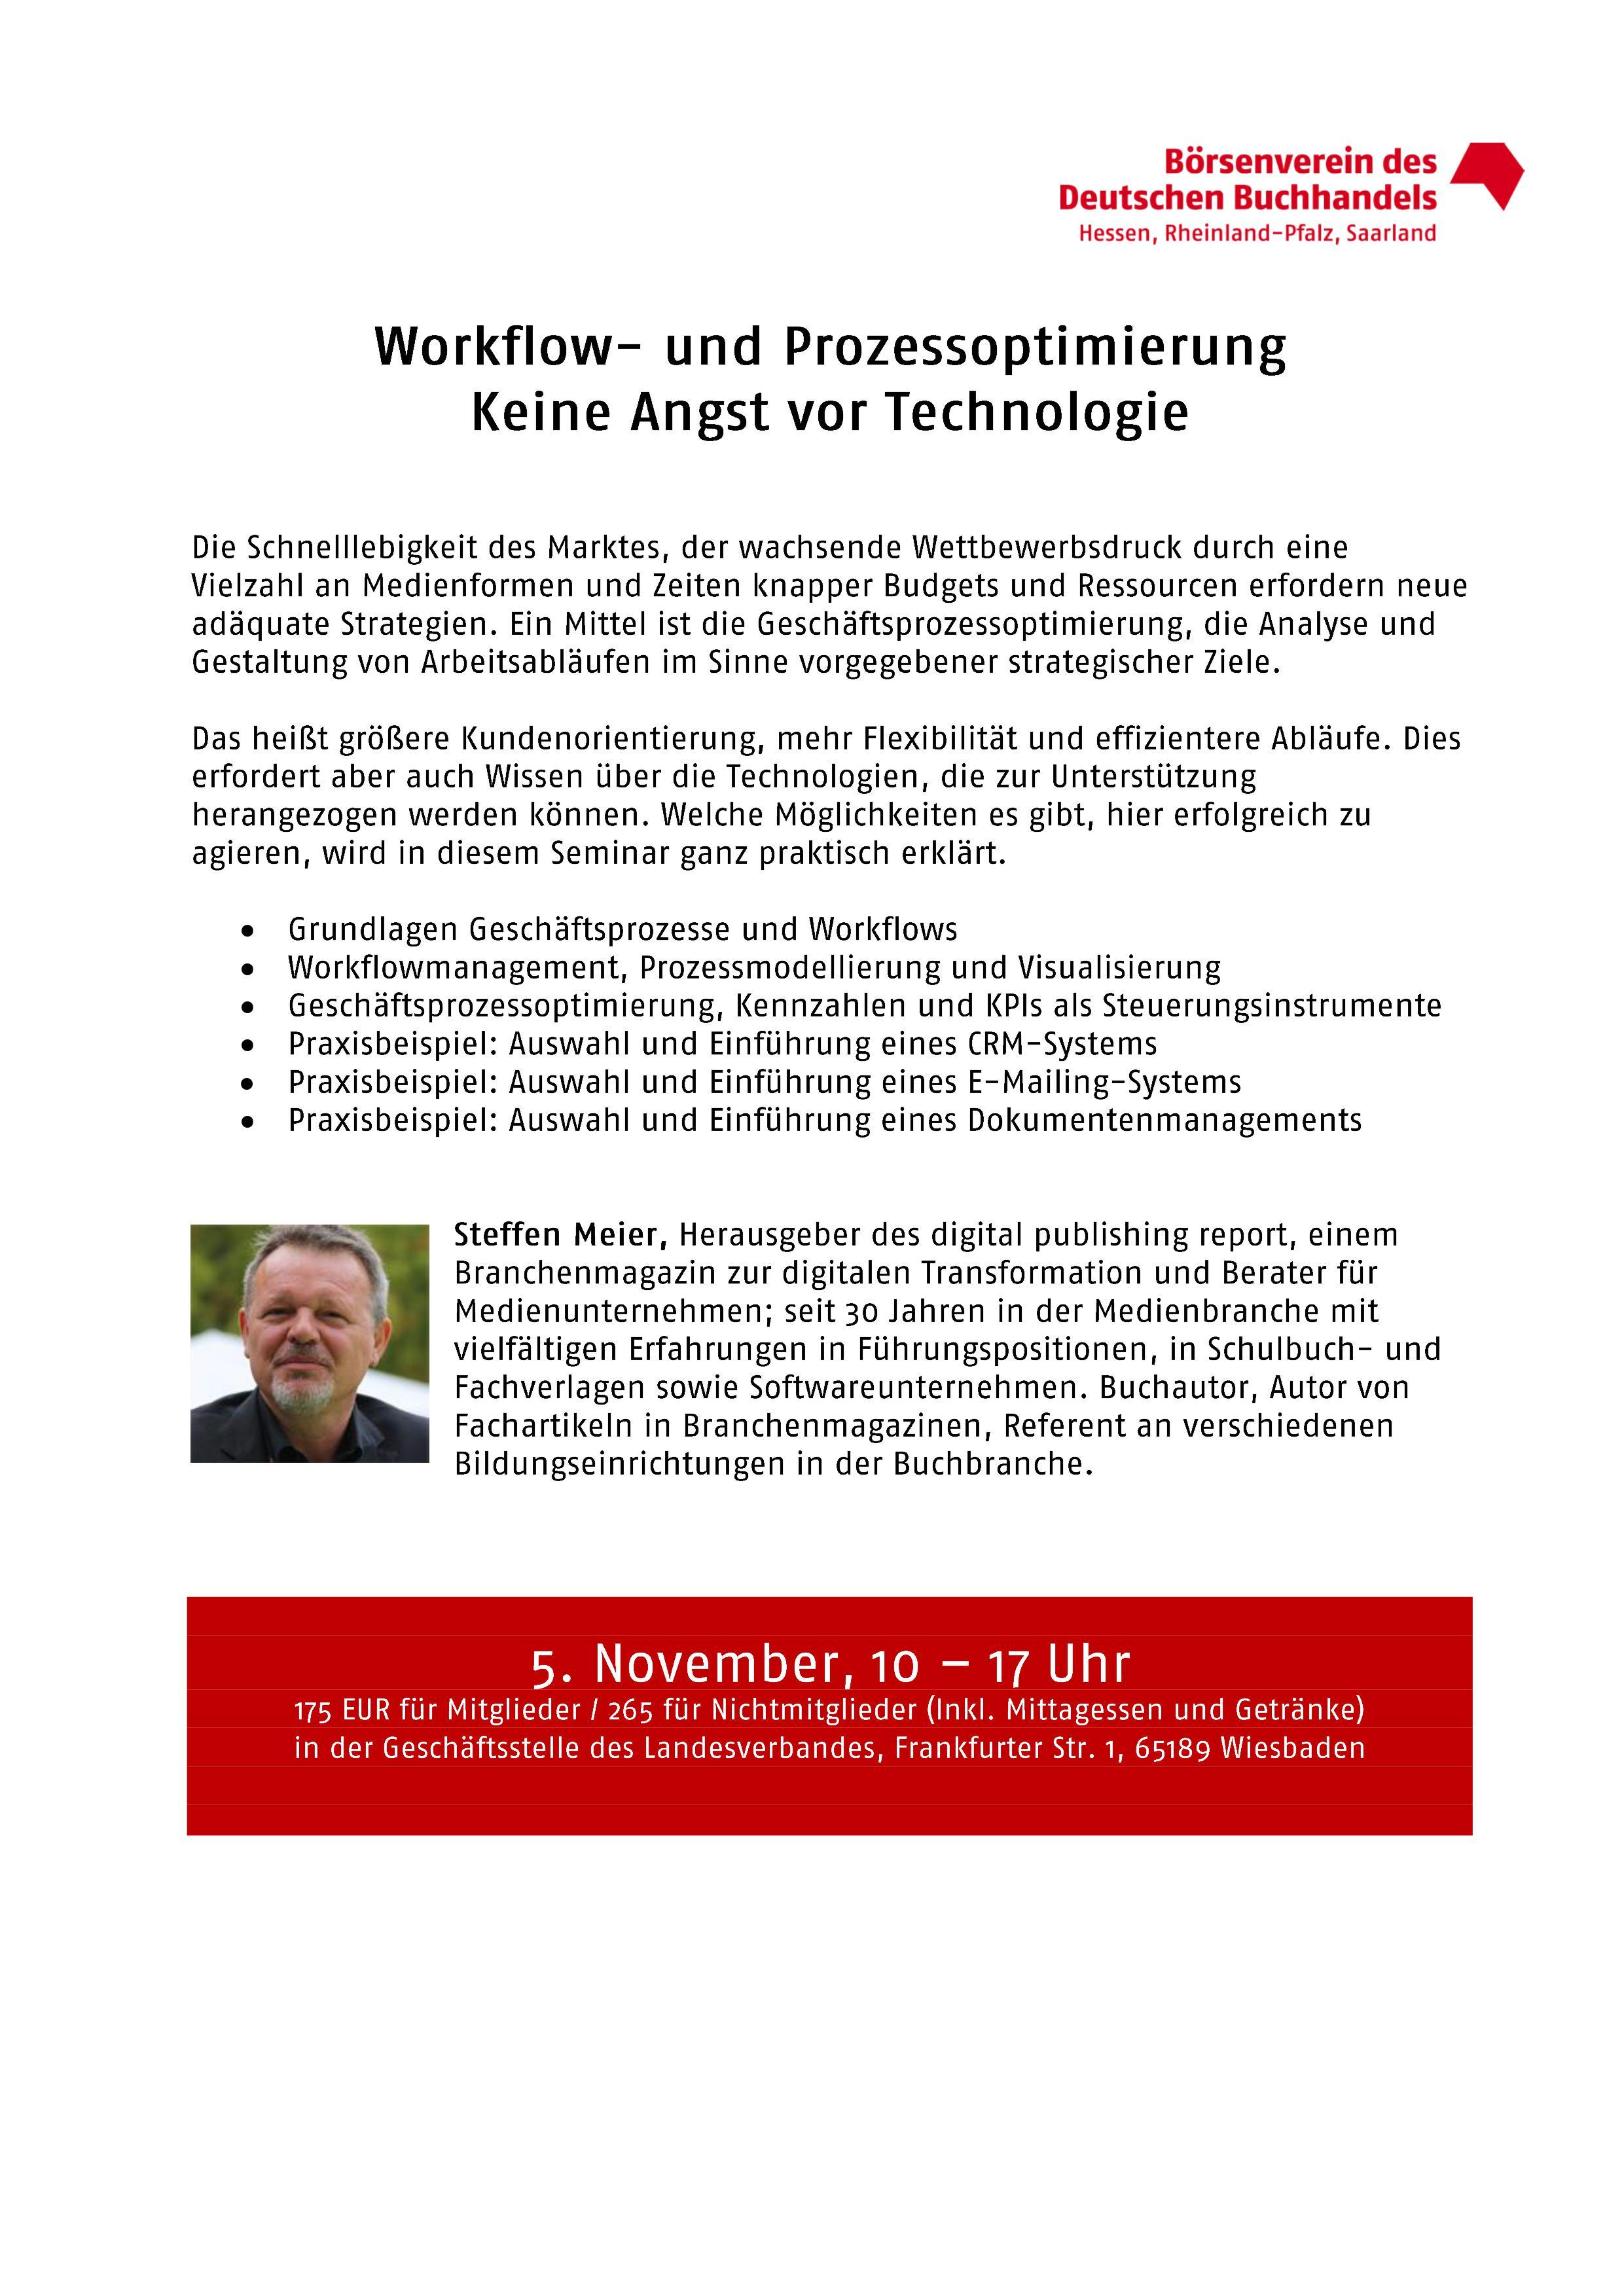 Workflow- und Prozessoptimierung: Keine Angst vor Technologie